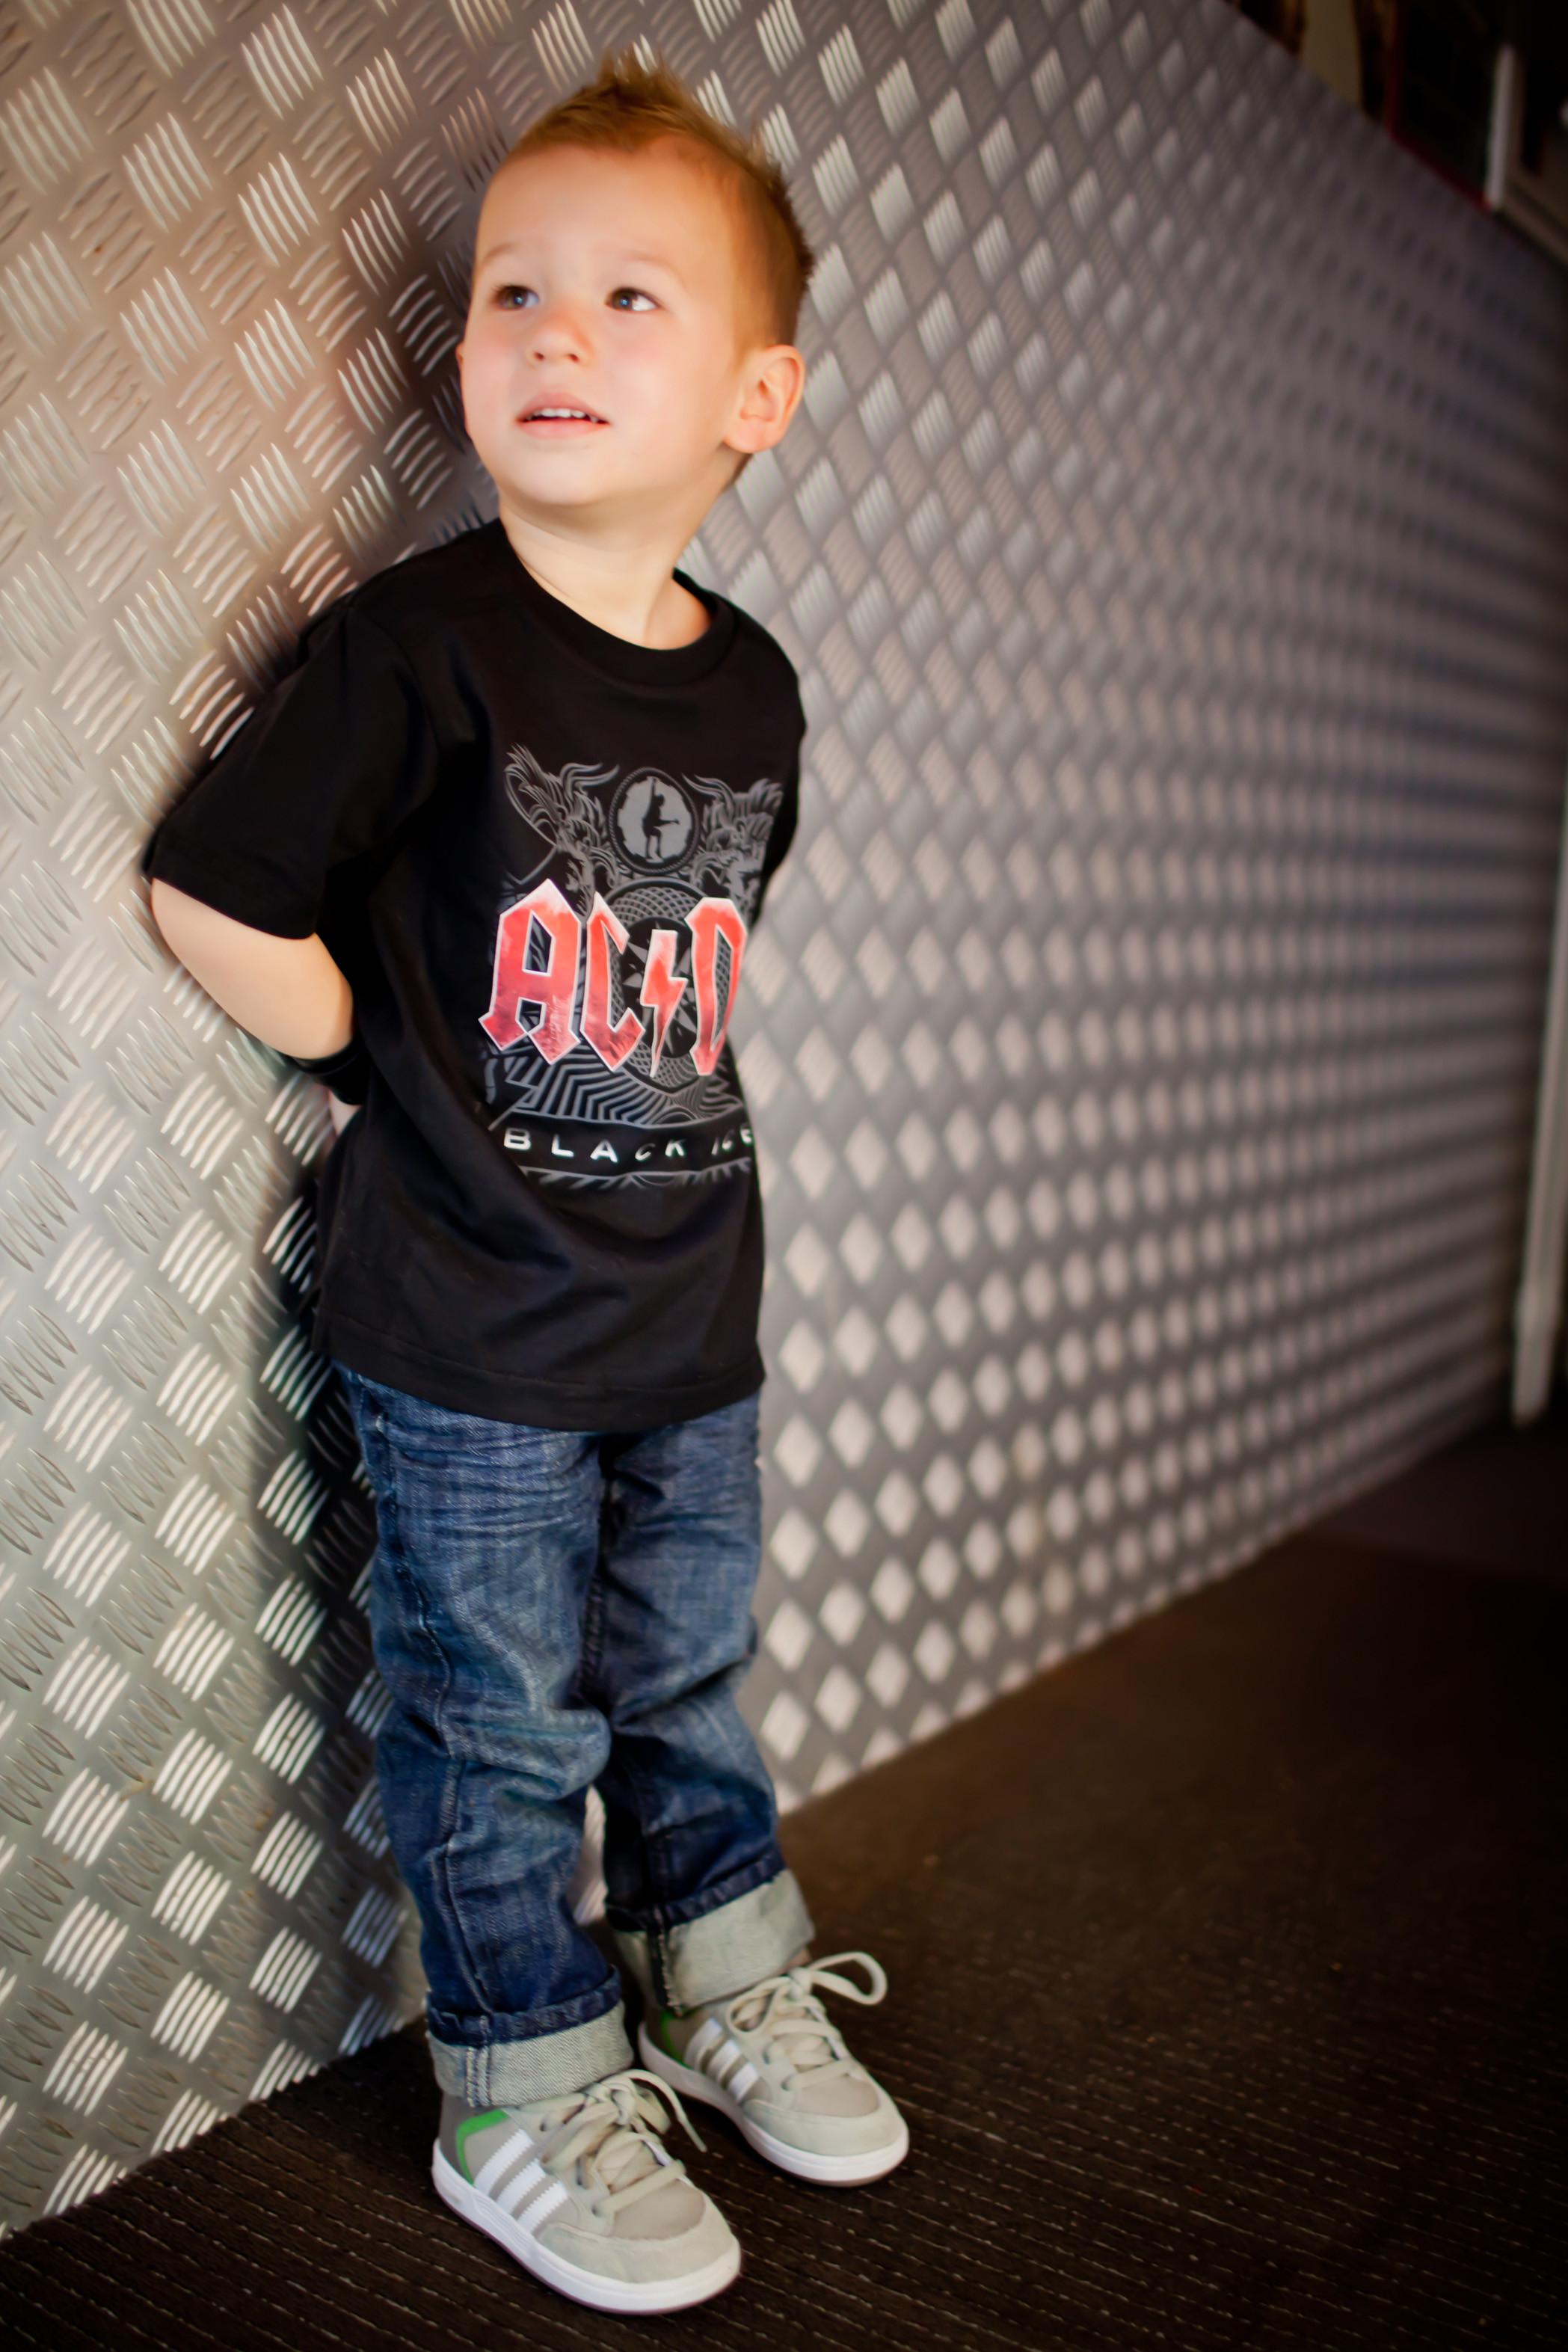 ACDC Kids/Toddler T-shirt - Tee Black Ice